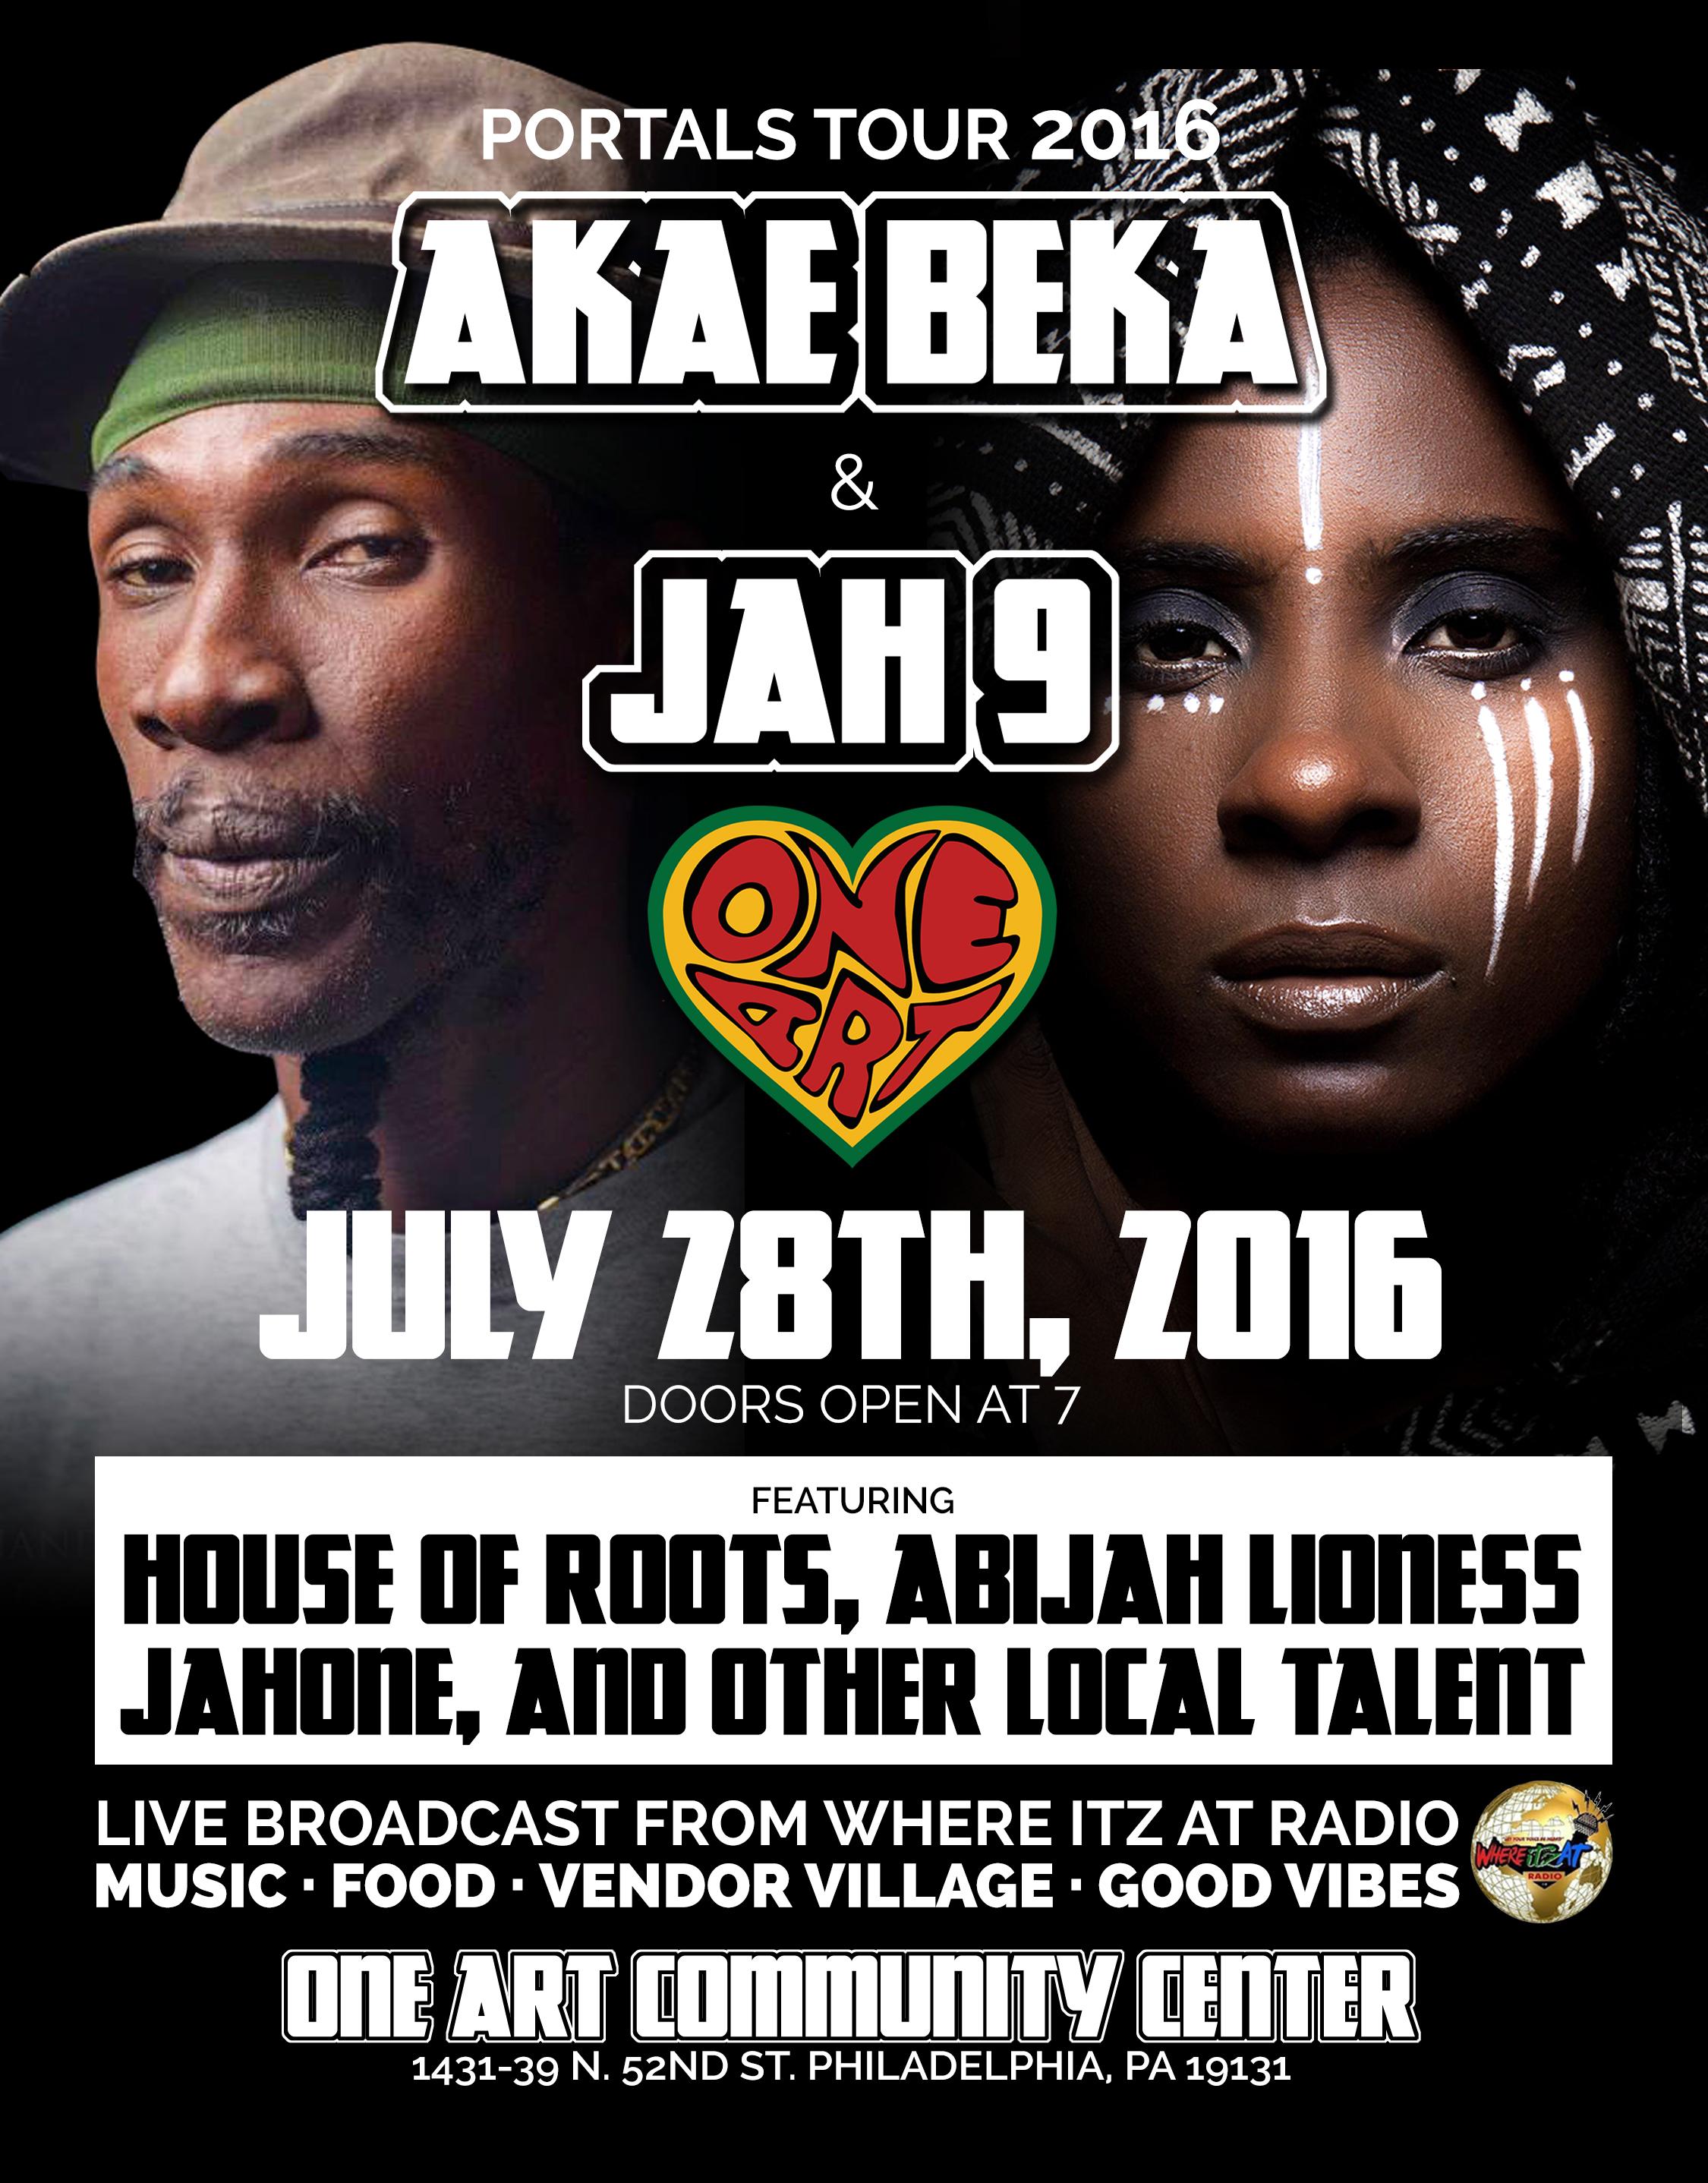 Akea Beka & Jah9